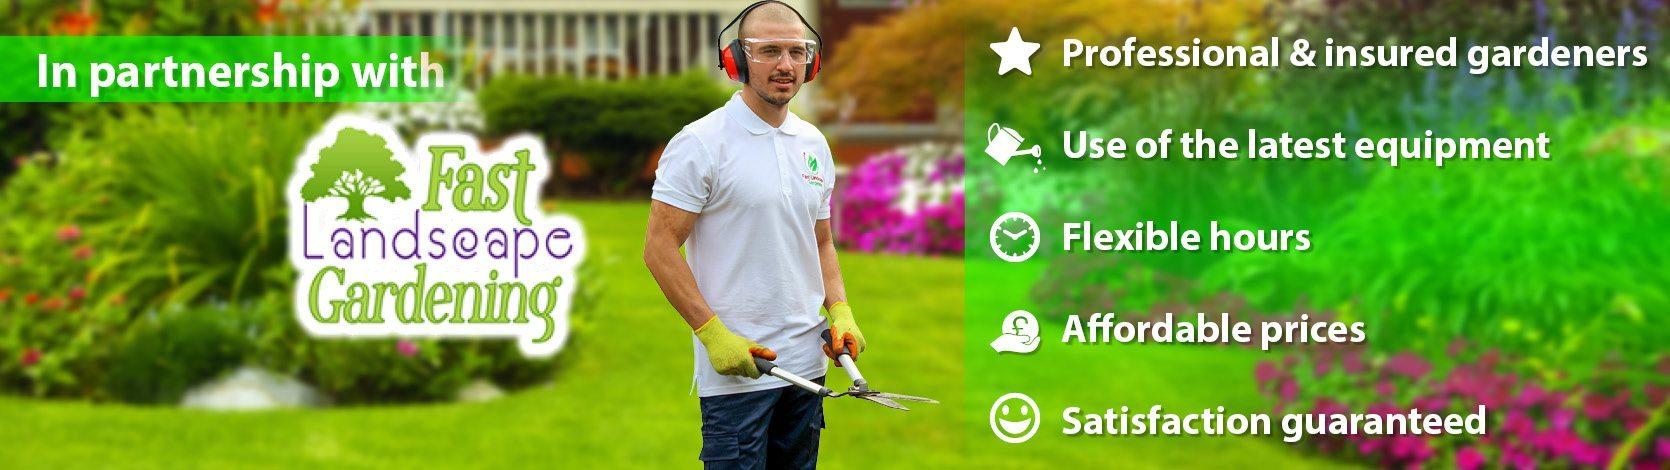 gardening services slide